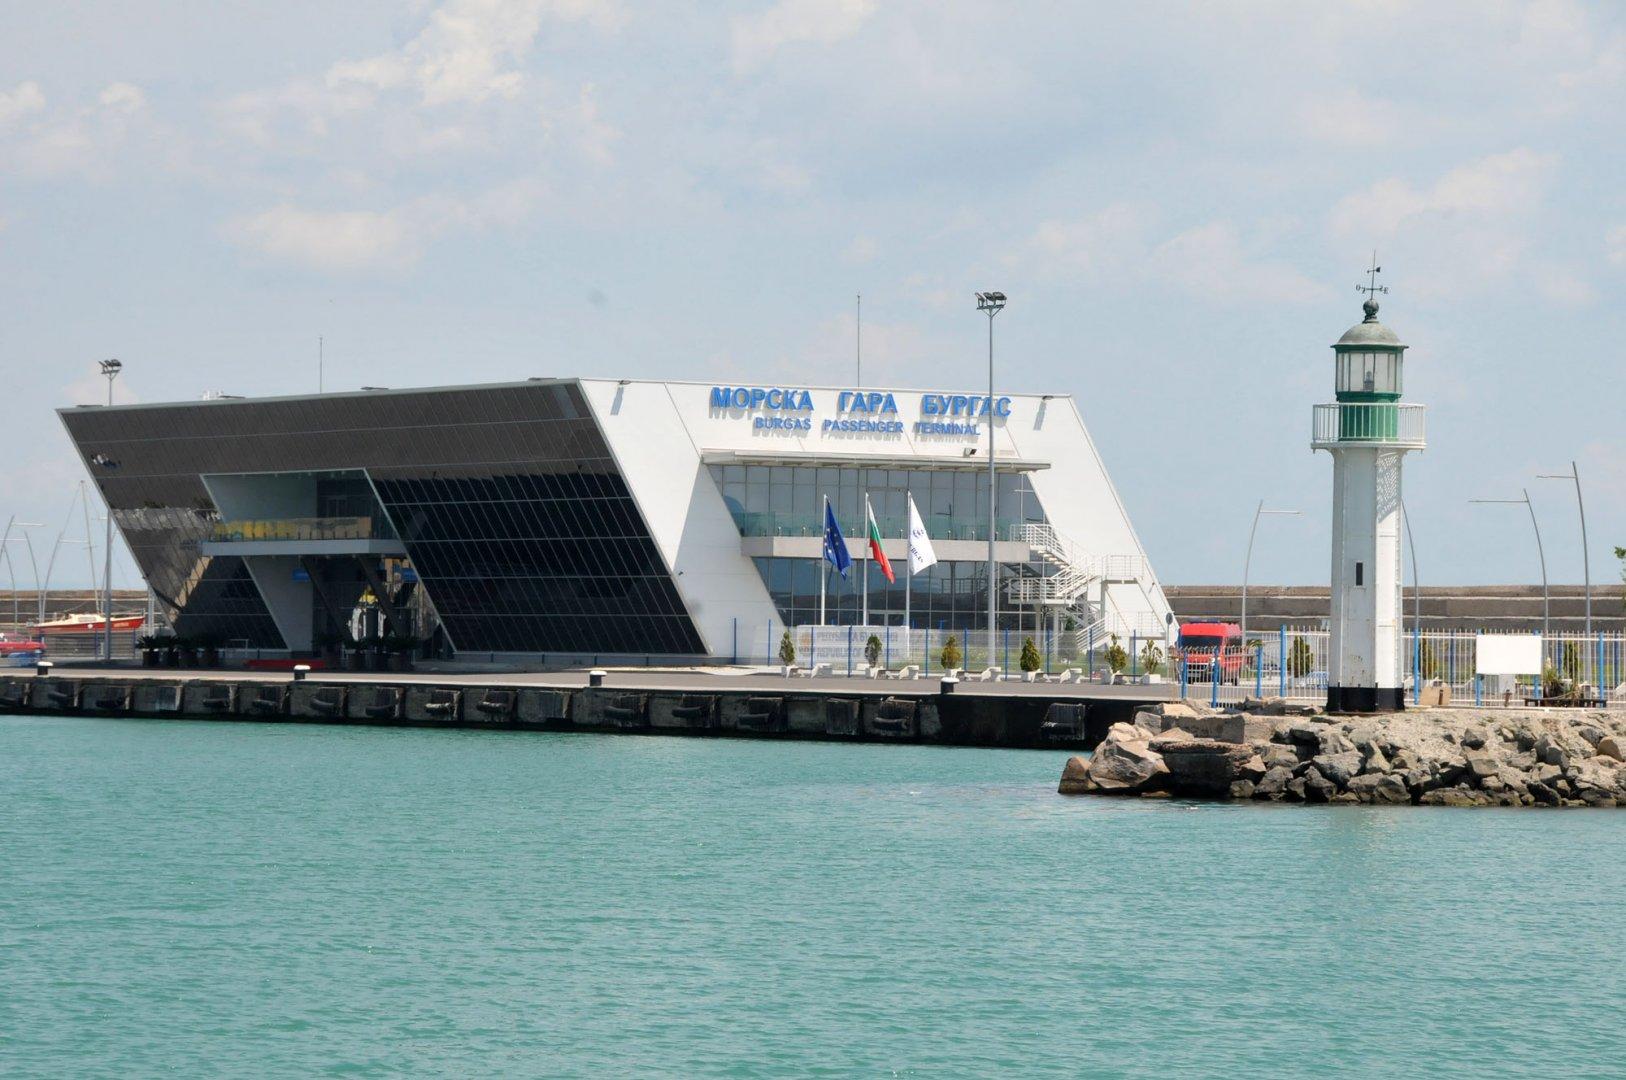 Събитието ще се състои в Морска гара Бургас. Снимка Лина Главинова